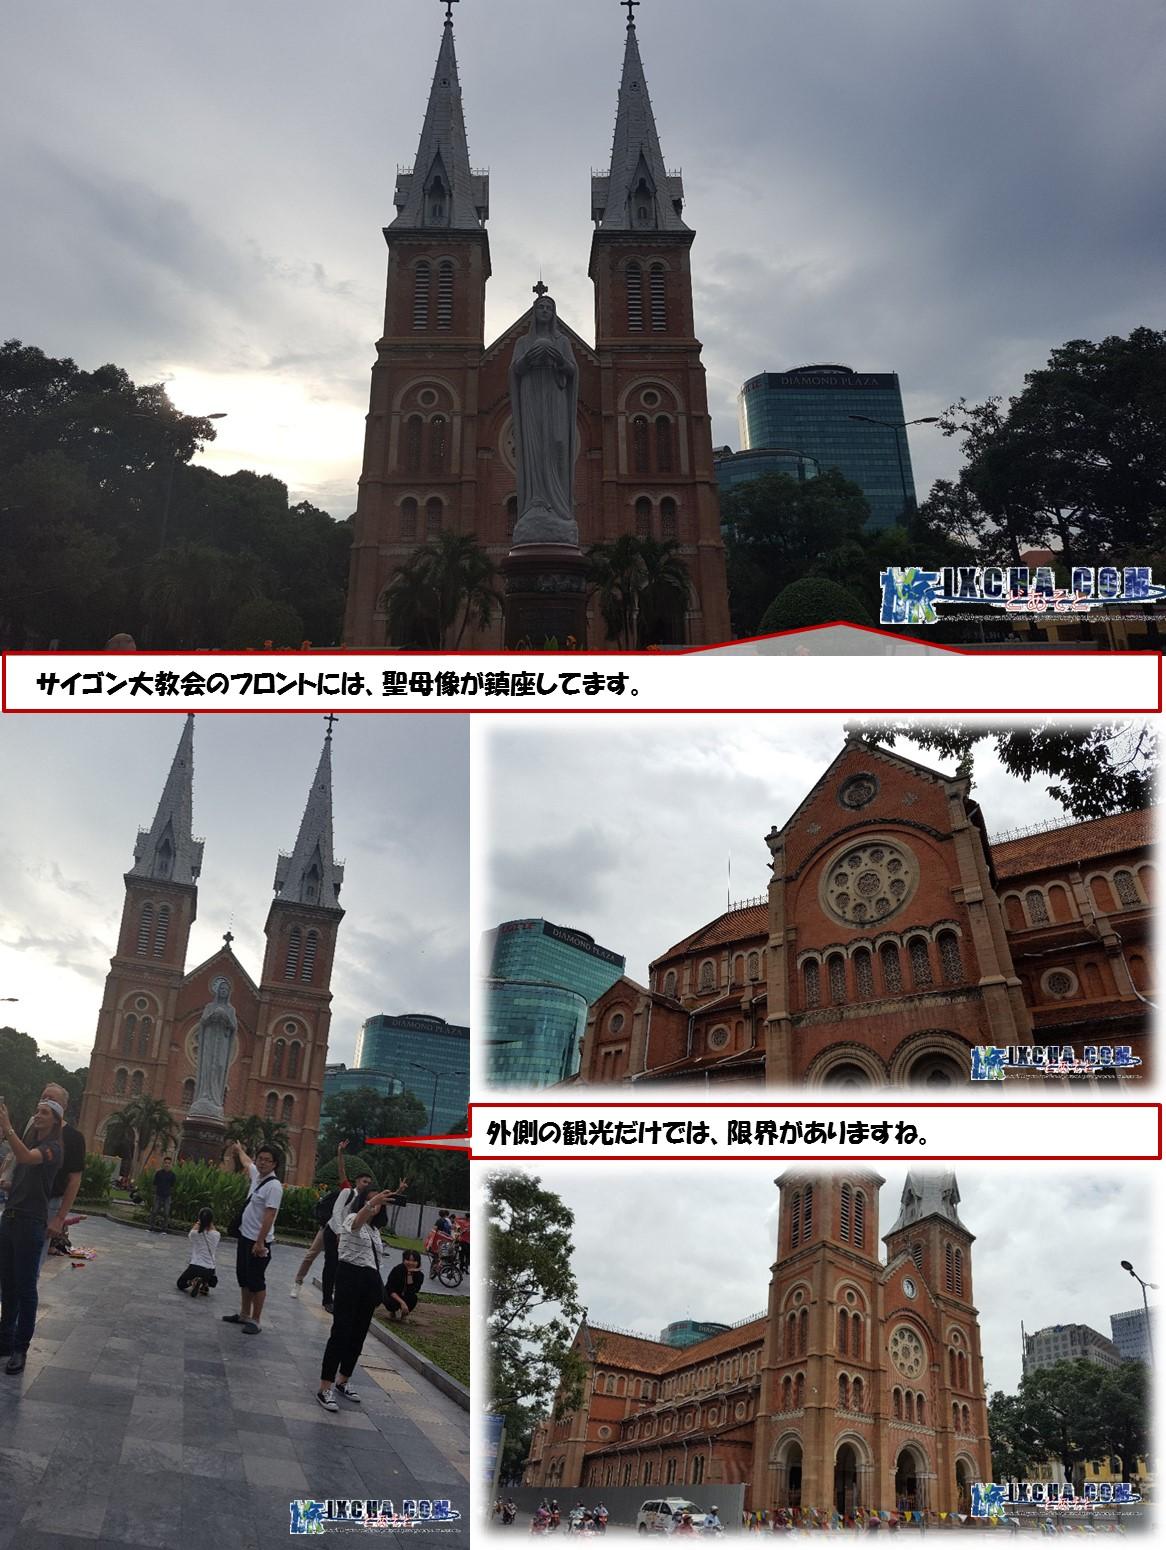 サイゴン大教会のフロントには、聖母像が鎮座してます。 外側の観光だけでは、限界がありますね。